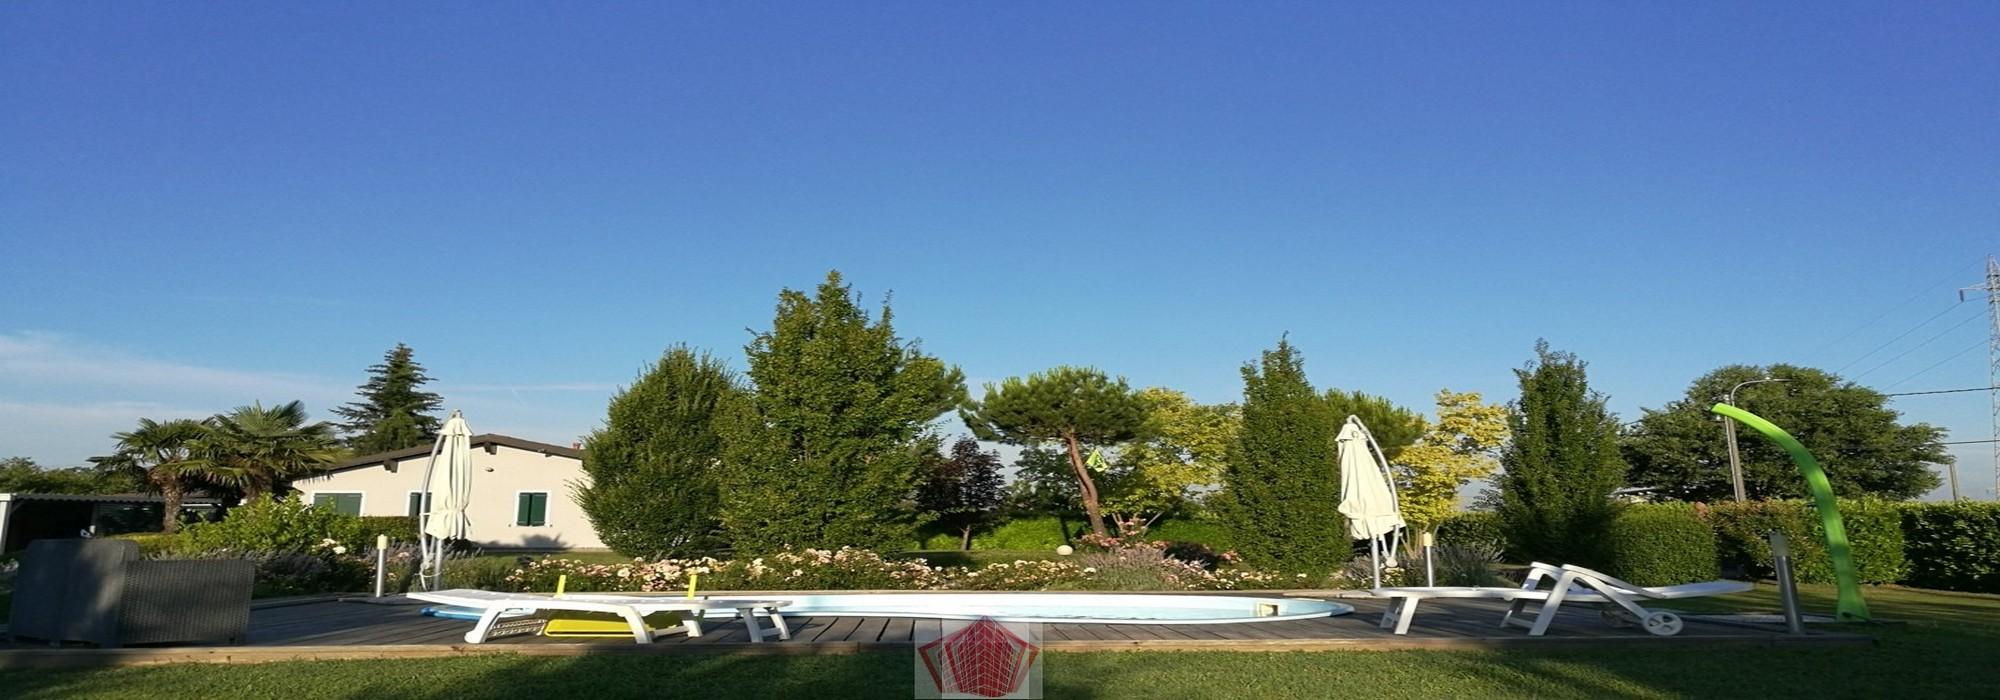 Broni PV VENDITA Elegante villa con piscina e parco privato Rif. 526